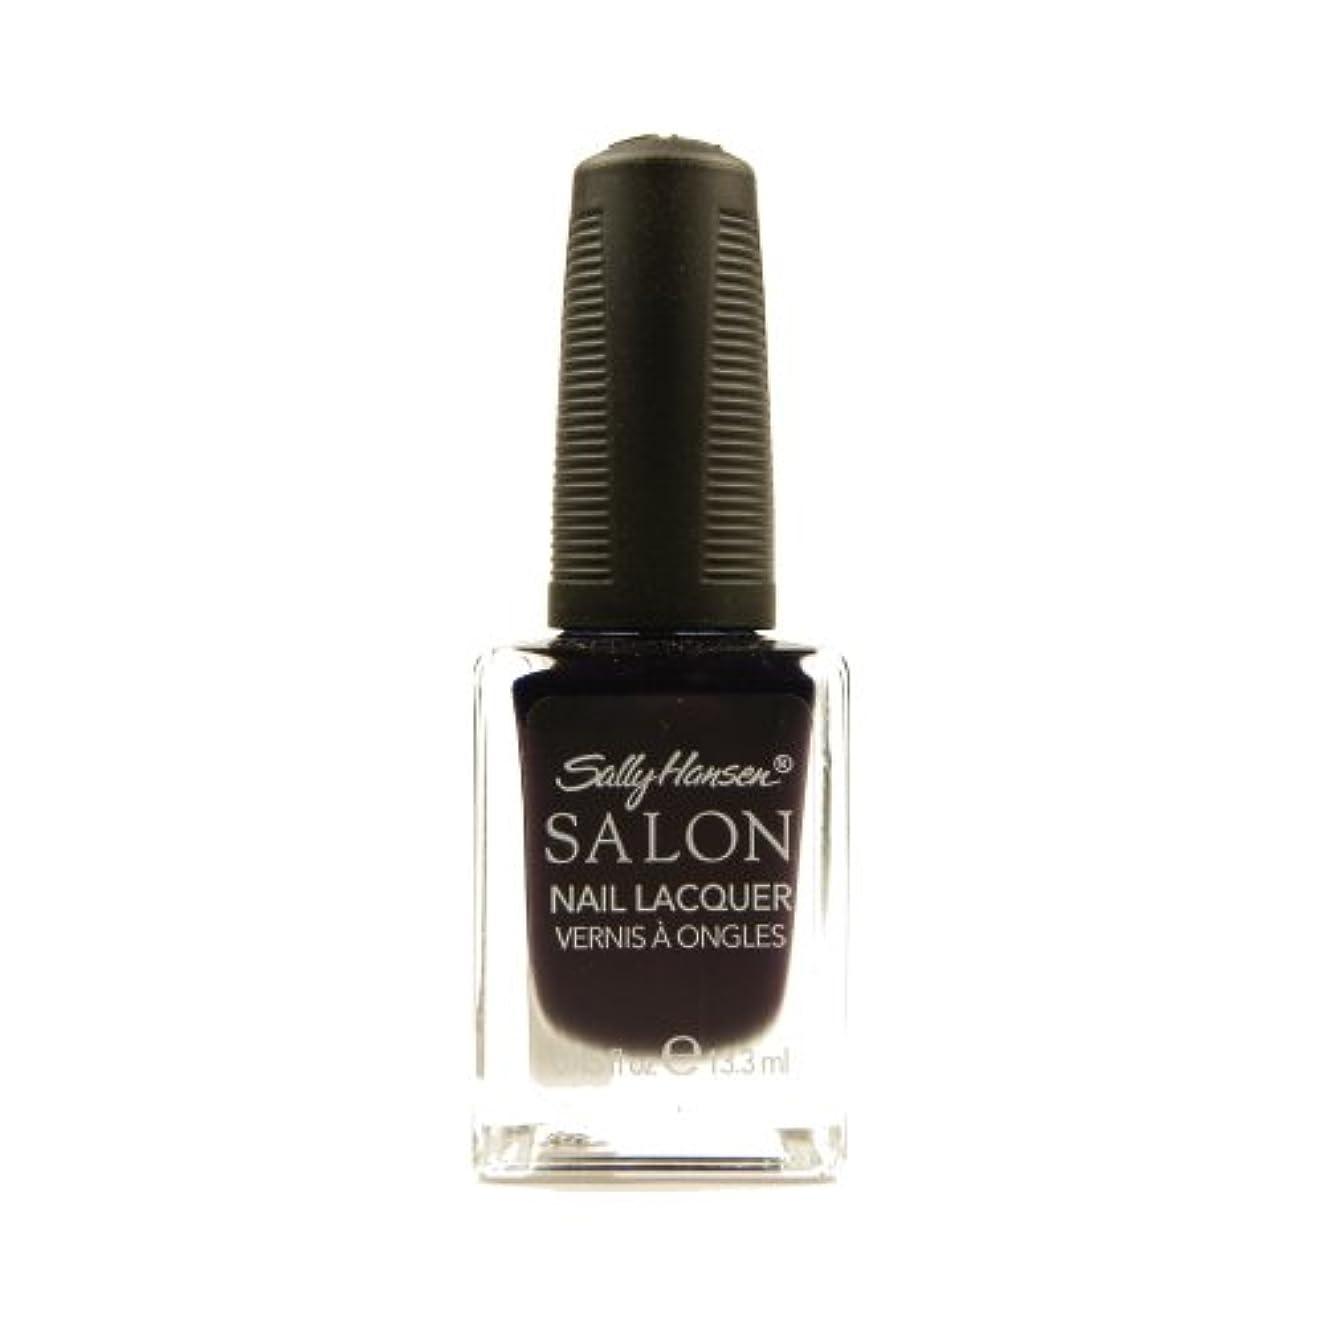 ペナルティ召喚するバイオリニストSALLY HANSEN Salon Nail Lacquer 4134 - The Deepest of Violets (並行輸入品)